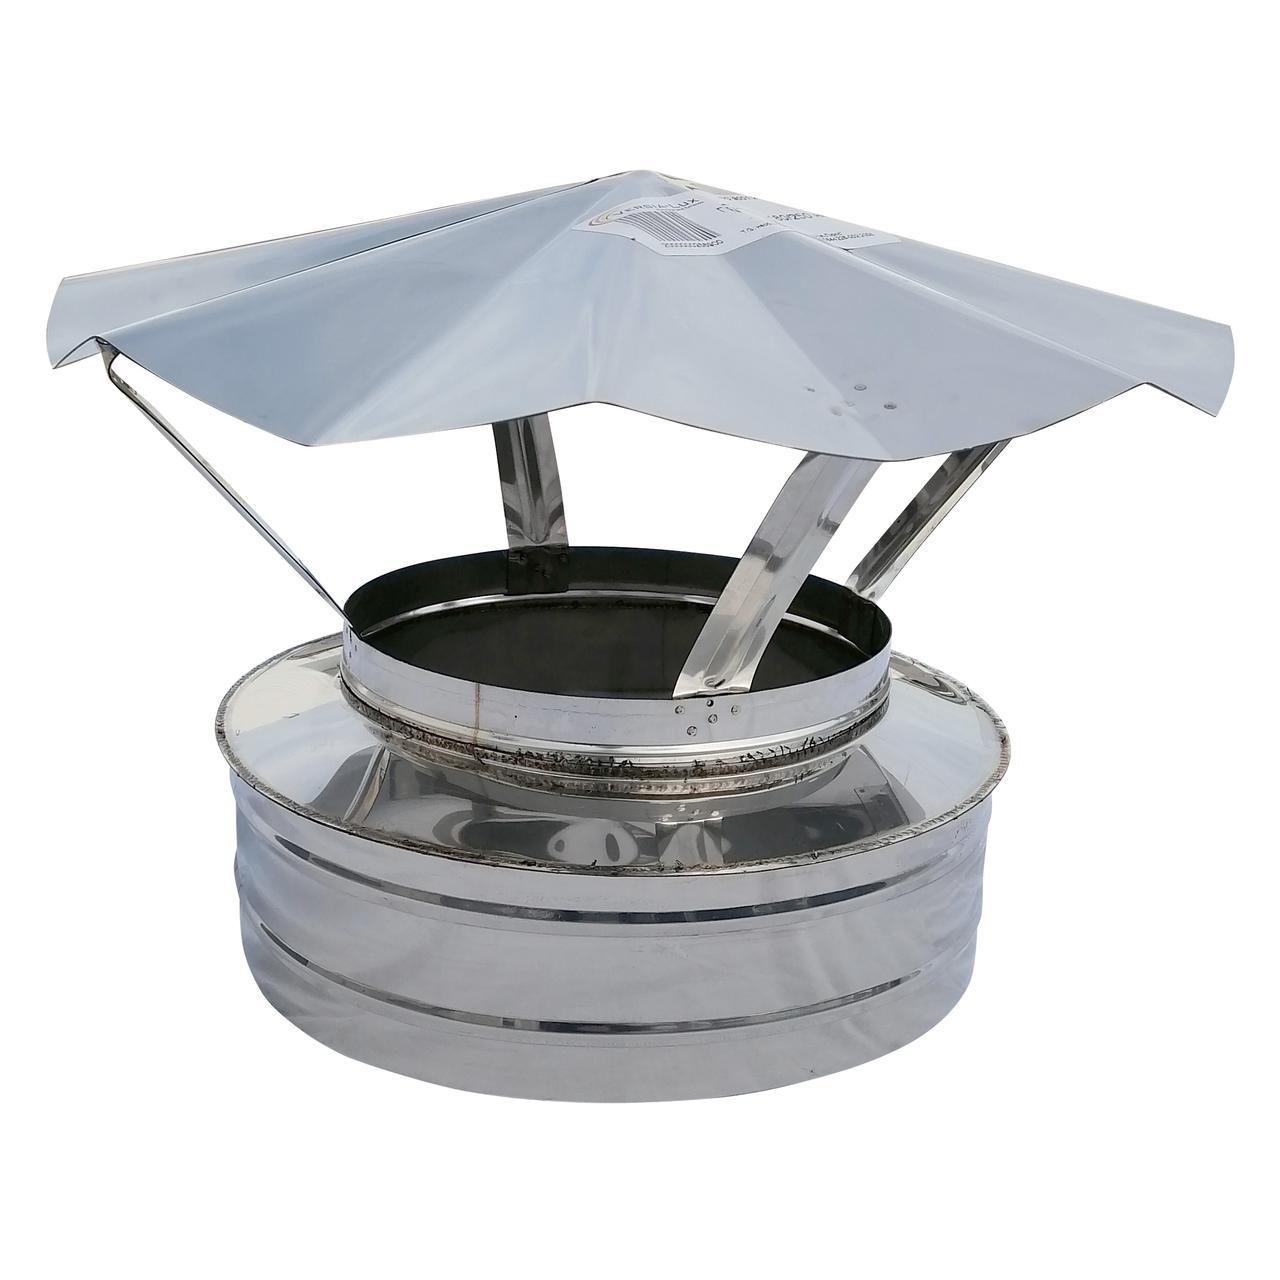 Грибок-термо ø250 мм из нержавеющей стали AISI 304 для дымохода вентиляции дымоходный Версия-Люкс